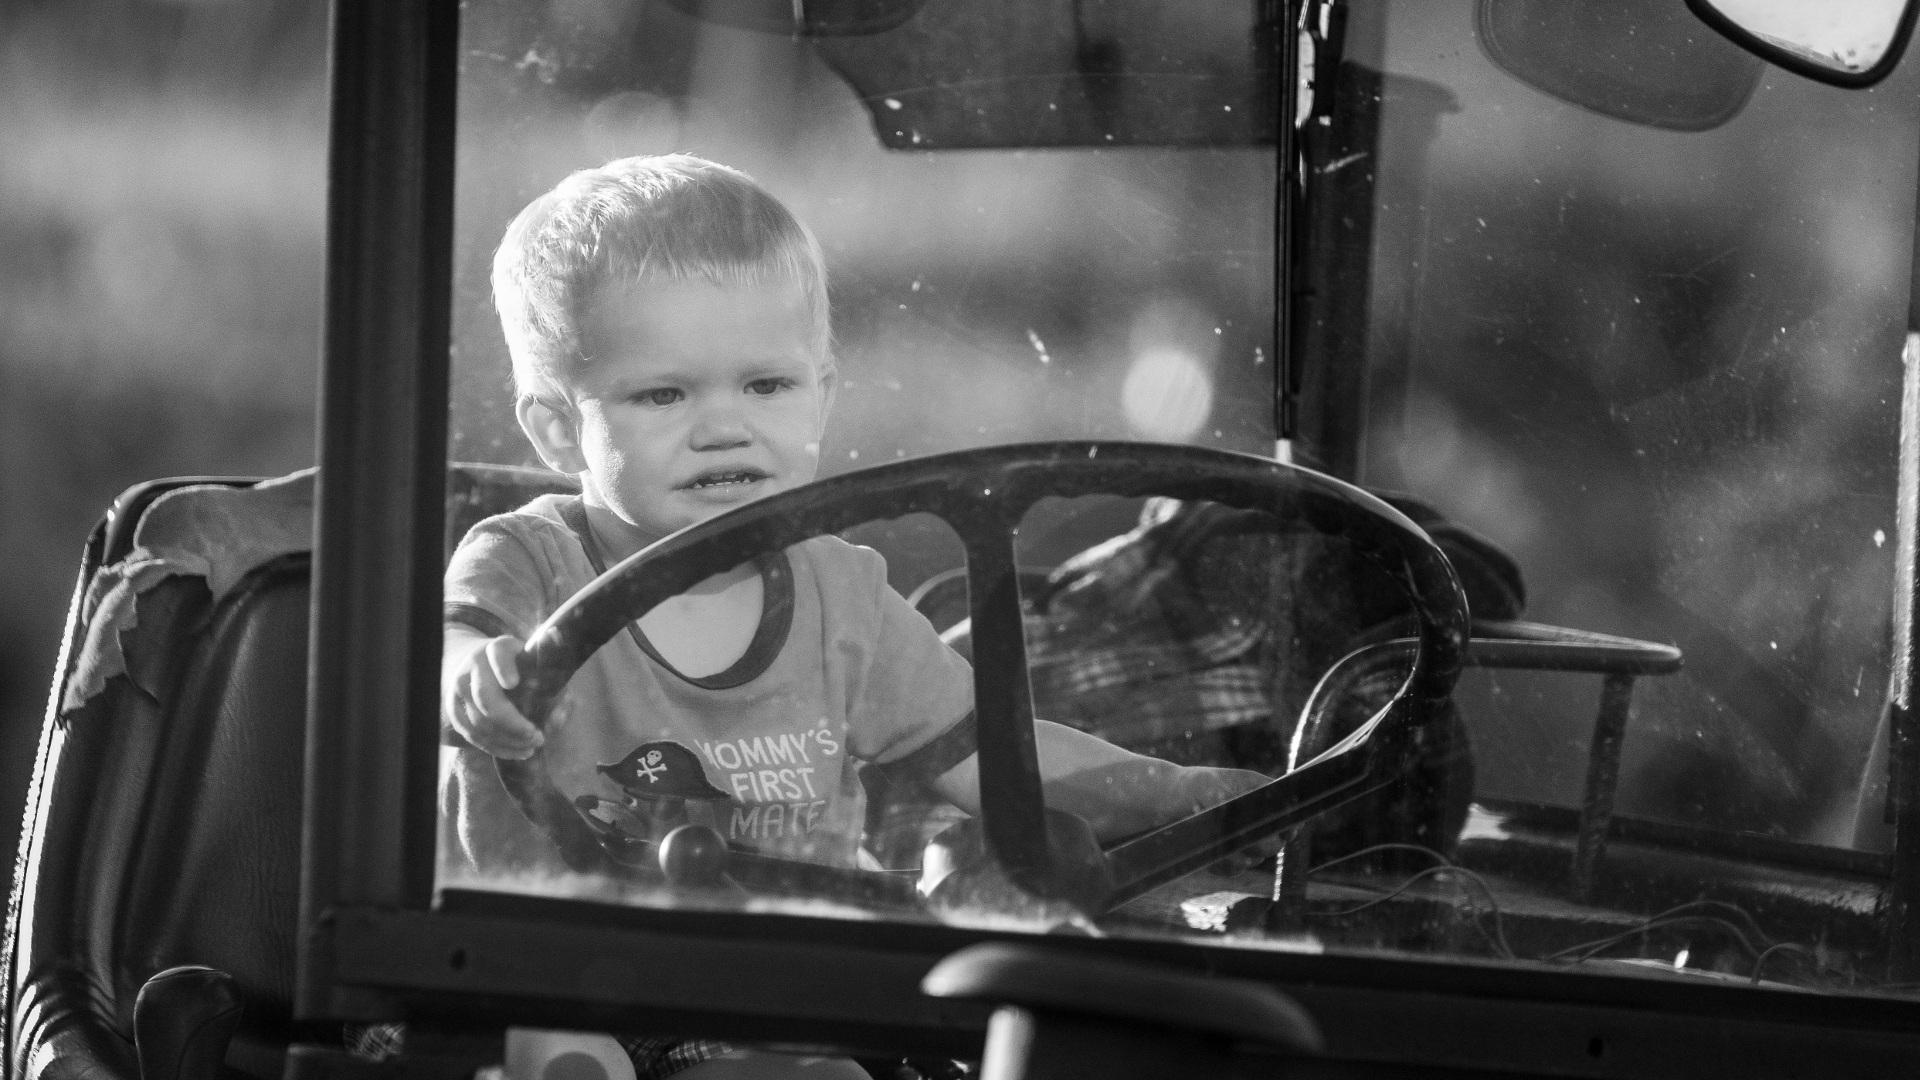 No nos cansamos de advertir sobre lo importe de seguir las medidas de seguridad para evitar los accidentes con el tractor1920